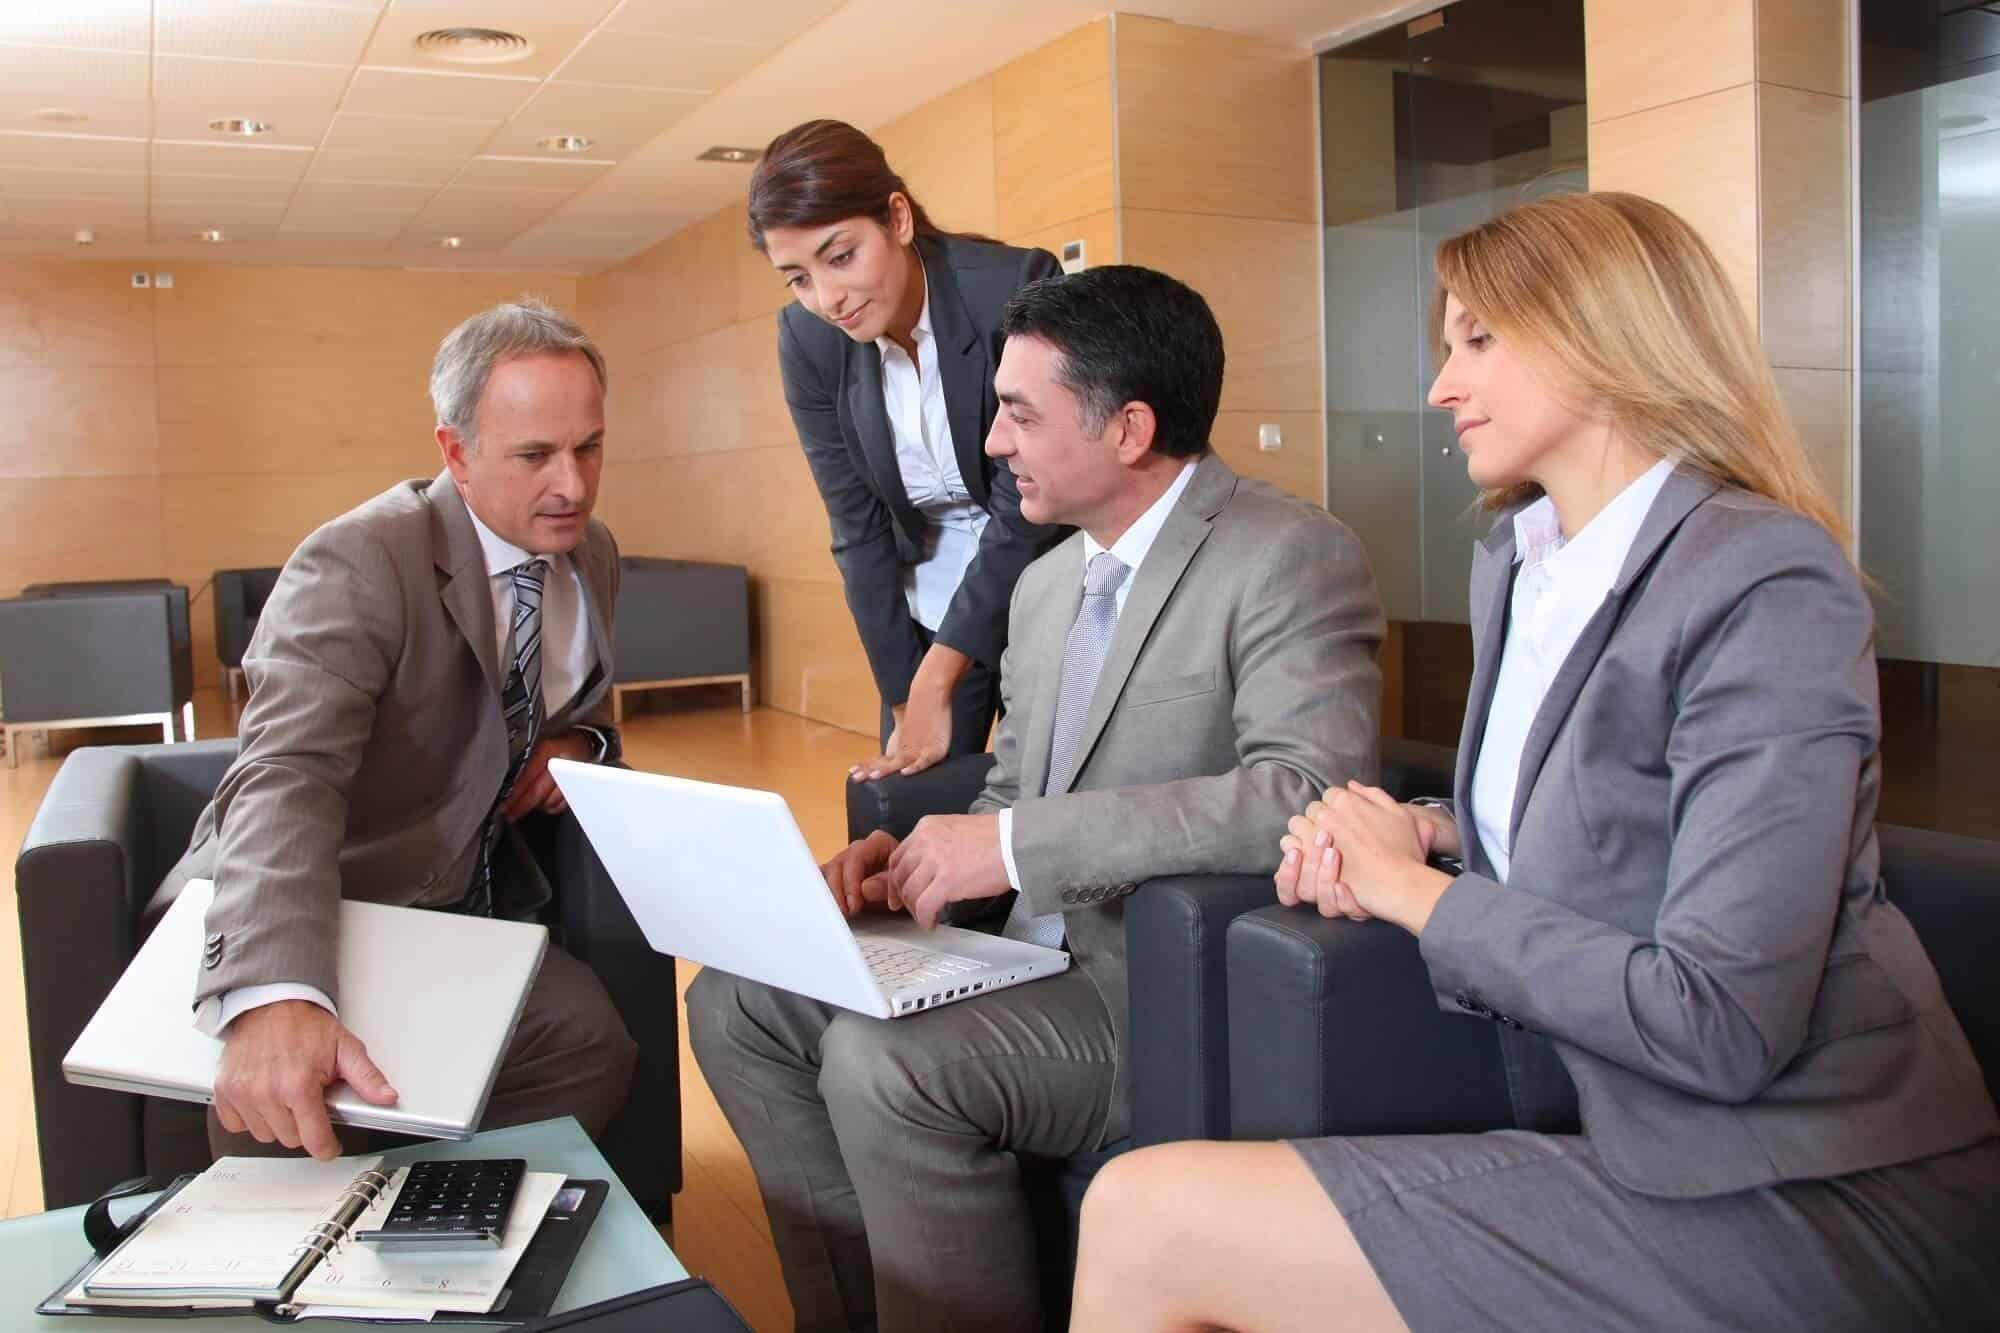 responsabilidad-civil-empresarial-profesional